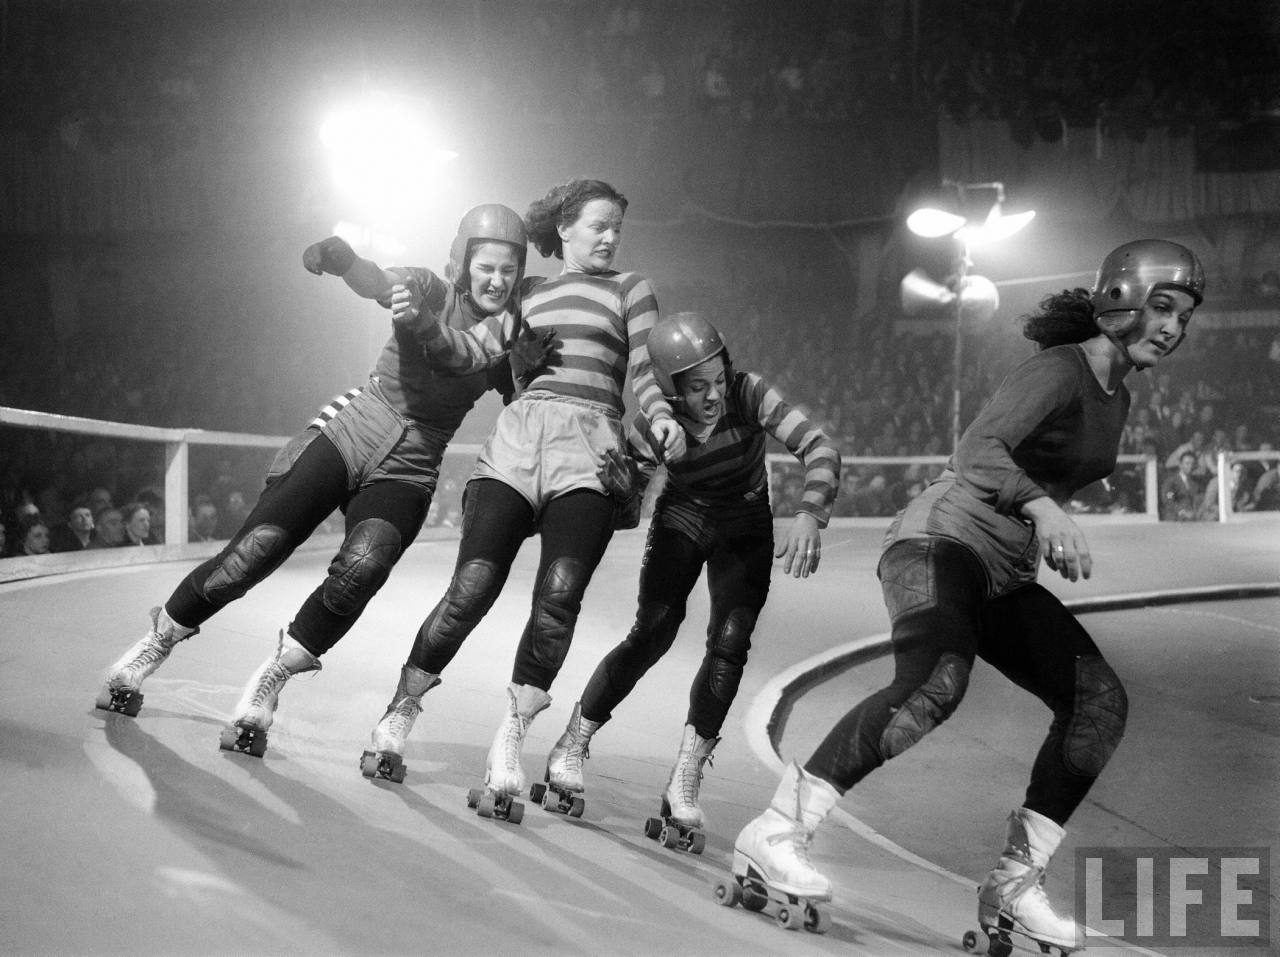 Roller skates kansas city - In 1937